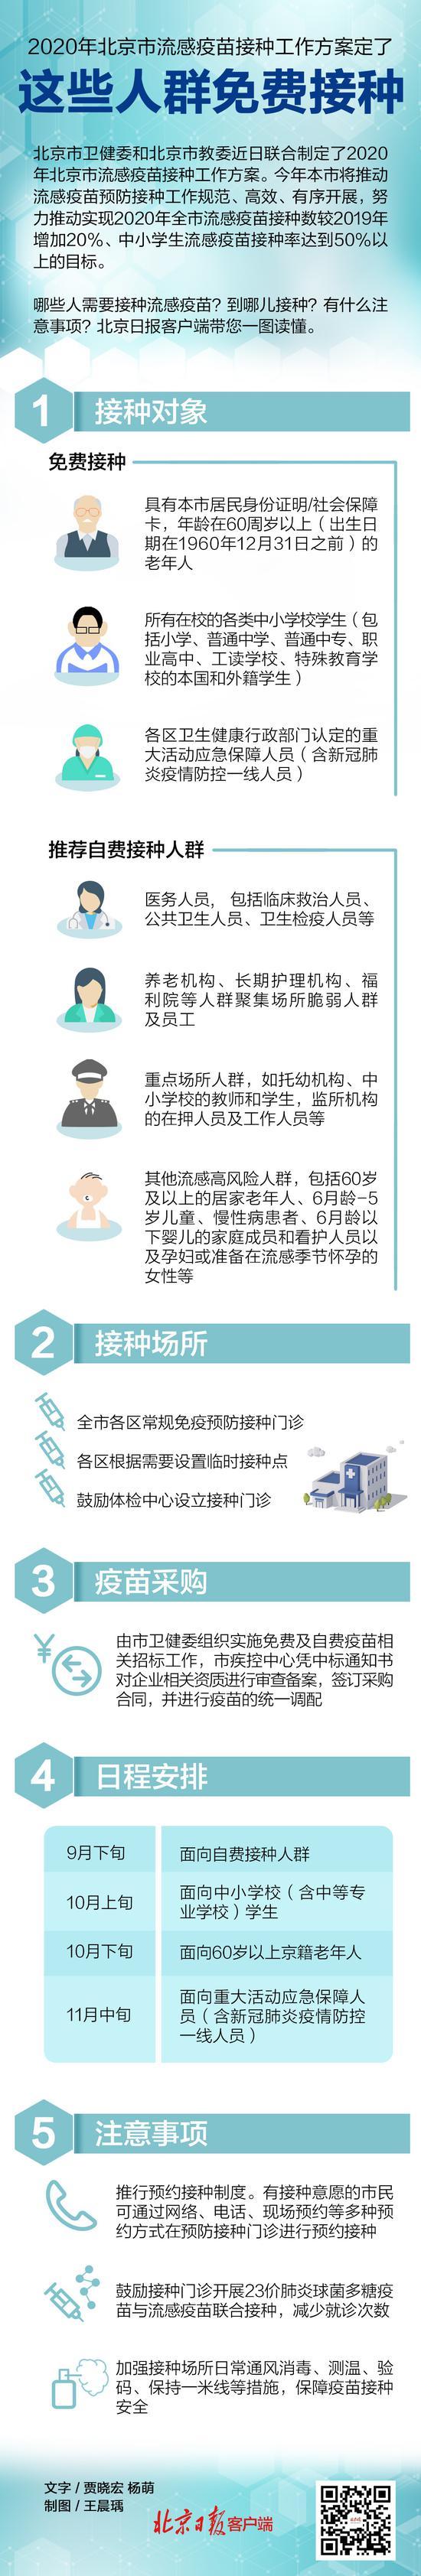 北京流感疫苗接种工作方案发布 这些人群免费接种图片